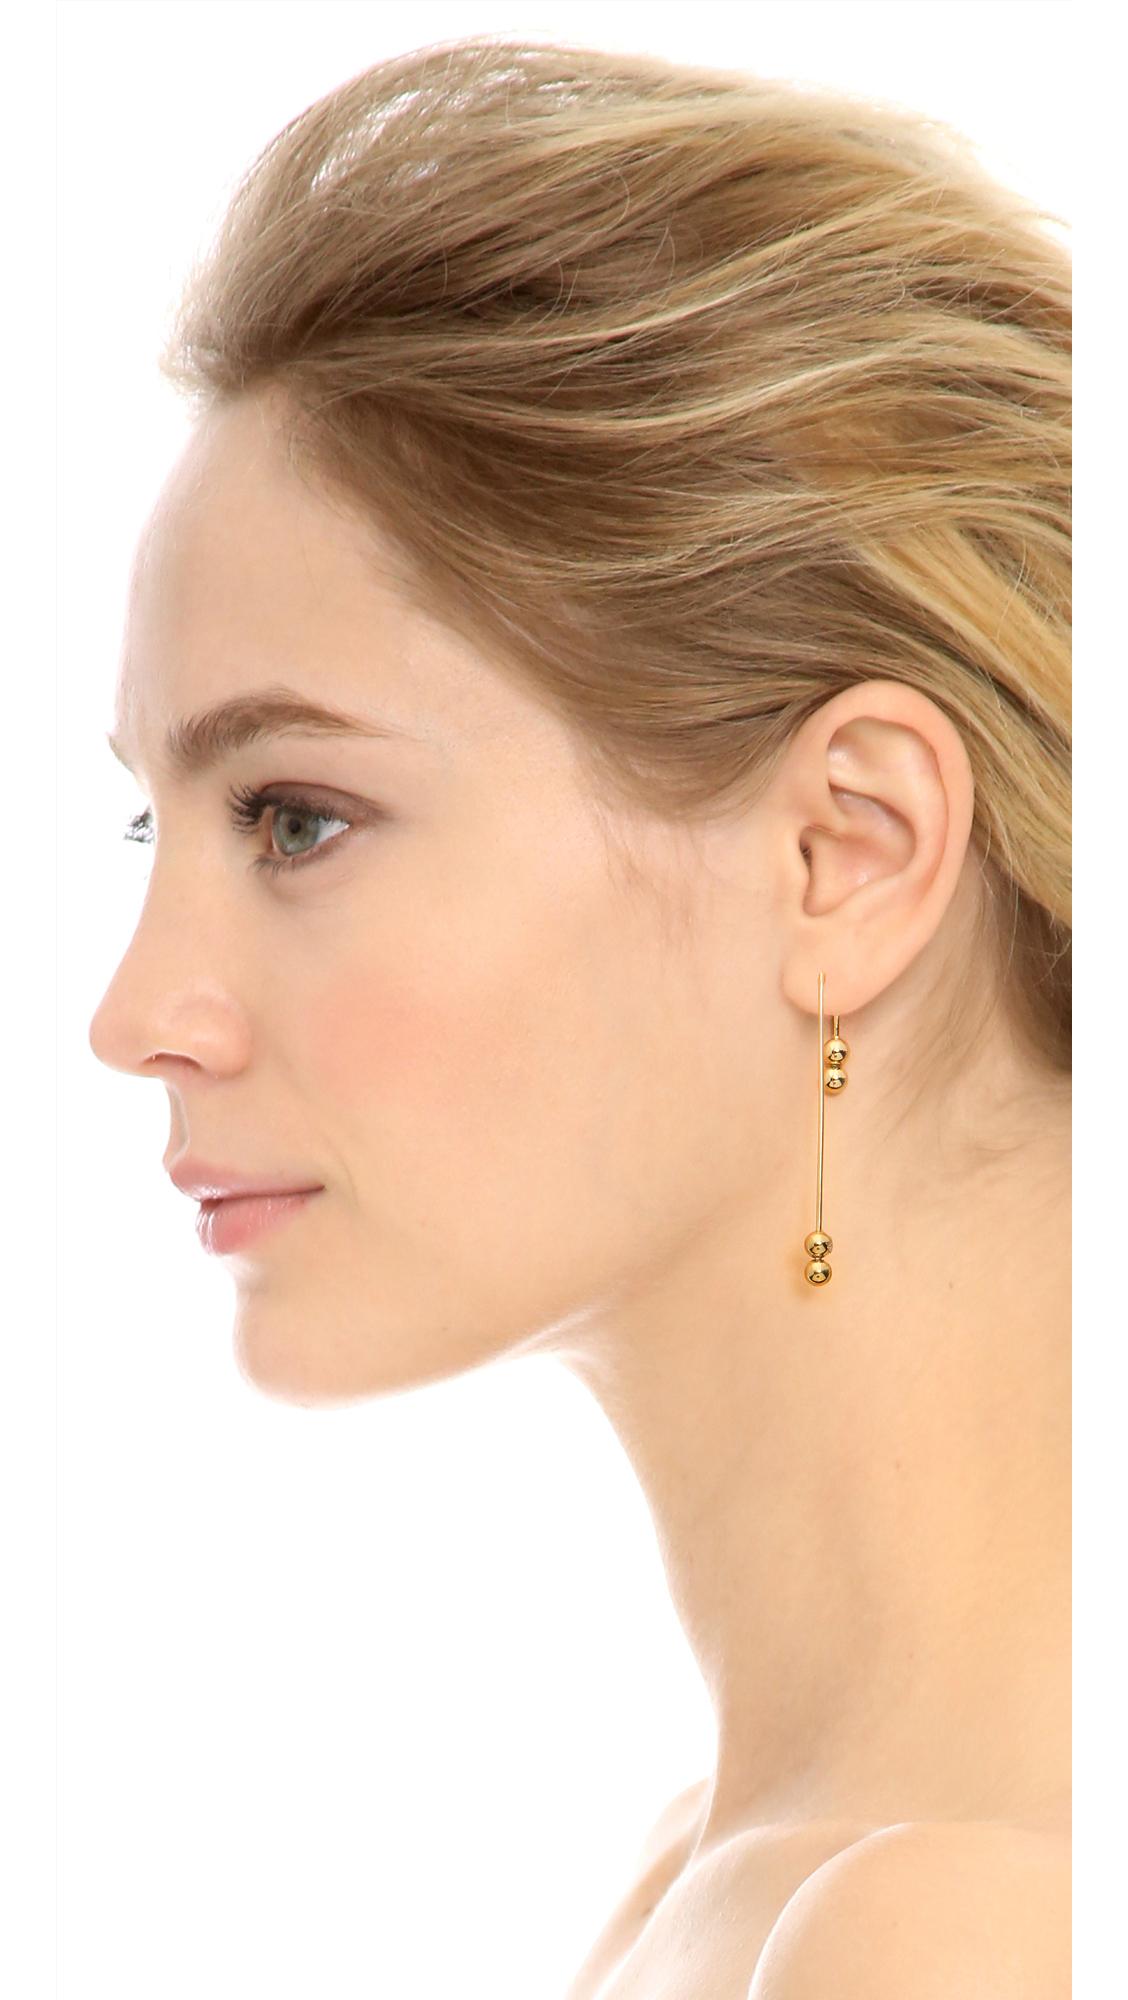 Matrix Earrings in Orange Amber Sceats AWQPg0